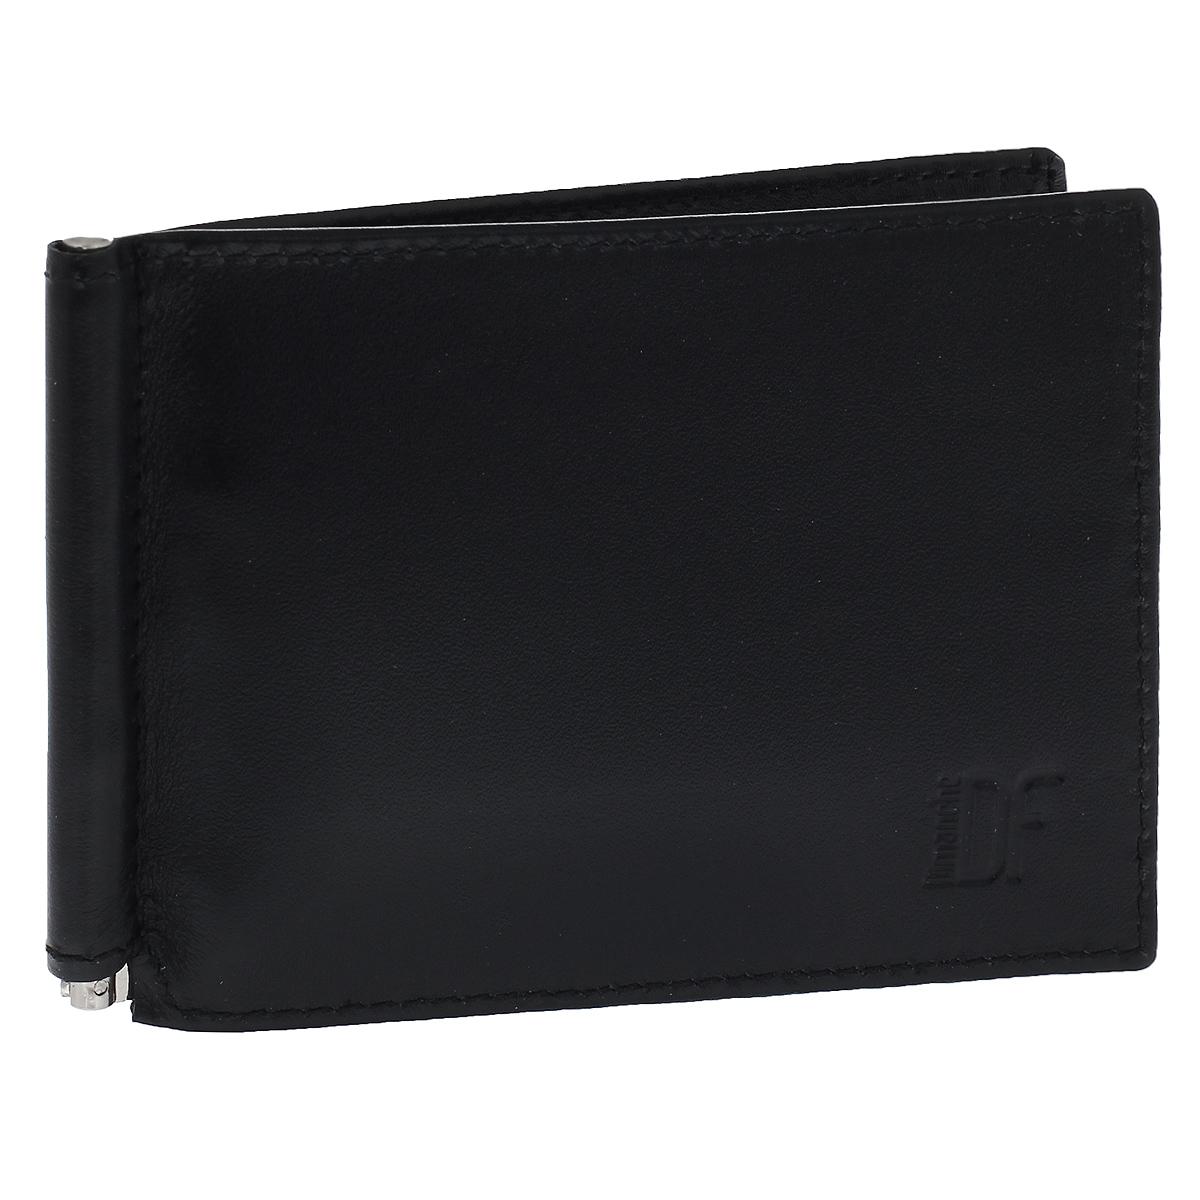 Зажим для денег Dimanche Bond, цвет: черный. 969/1ADYHA03386-WBB0Зажим для денег Dimanche Bond изготовлен из высококачественной натуральной матовой кожи черного цвета. Зажим снабжен фиксирующейся в открытом положении металлической скобой для денег. Внутри также содержится 6 кармашков для пластиковых карт и 2 потайных кармашка. Фурнитура - серебристого цвета.Зажим для денег стильного дизайна идеально дополнит ваш образ и станет незаменимым аксессуаром, который поместится даже в самый маленький карман.